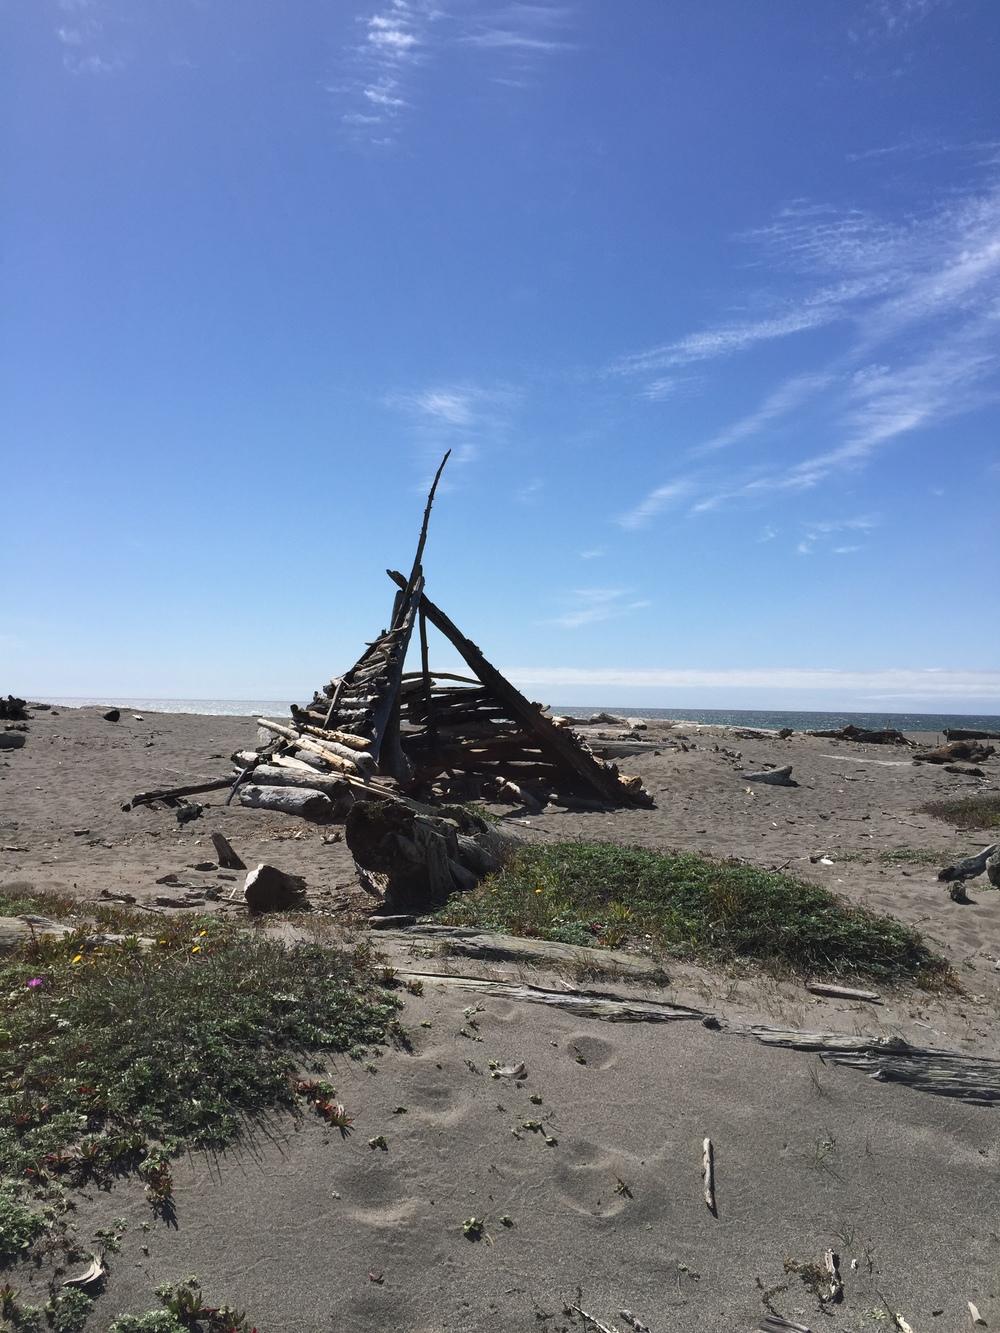 Driftwood sculpture on the beach